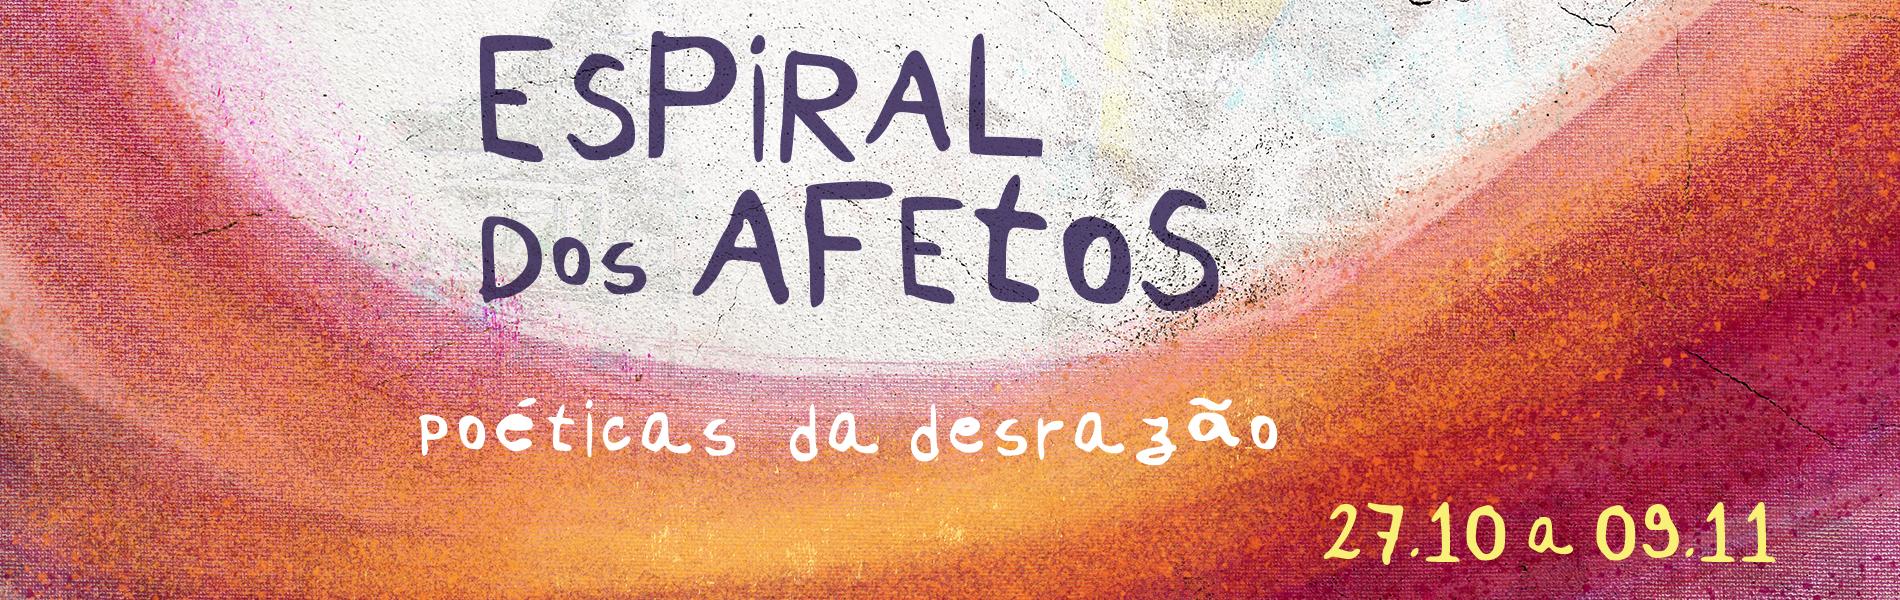 Fundo nas cores laranja e vermelho com a seguinte frase: Espiral dos Afetos - poéticas da desrazãos